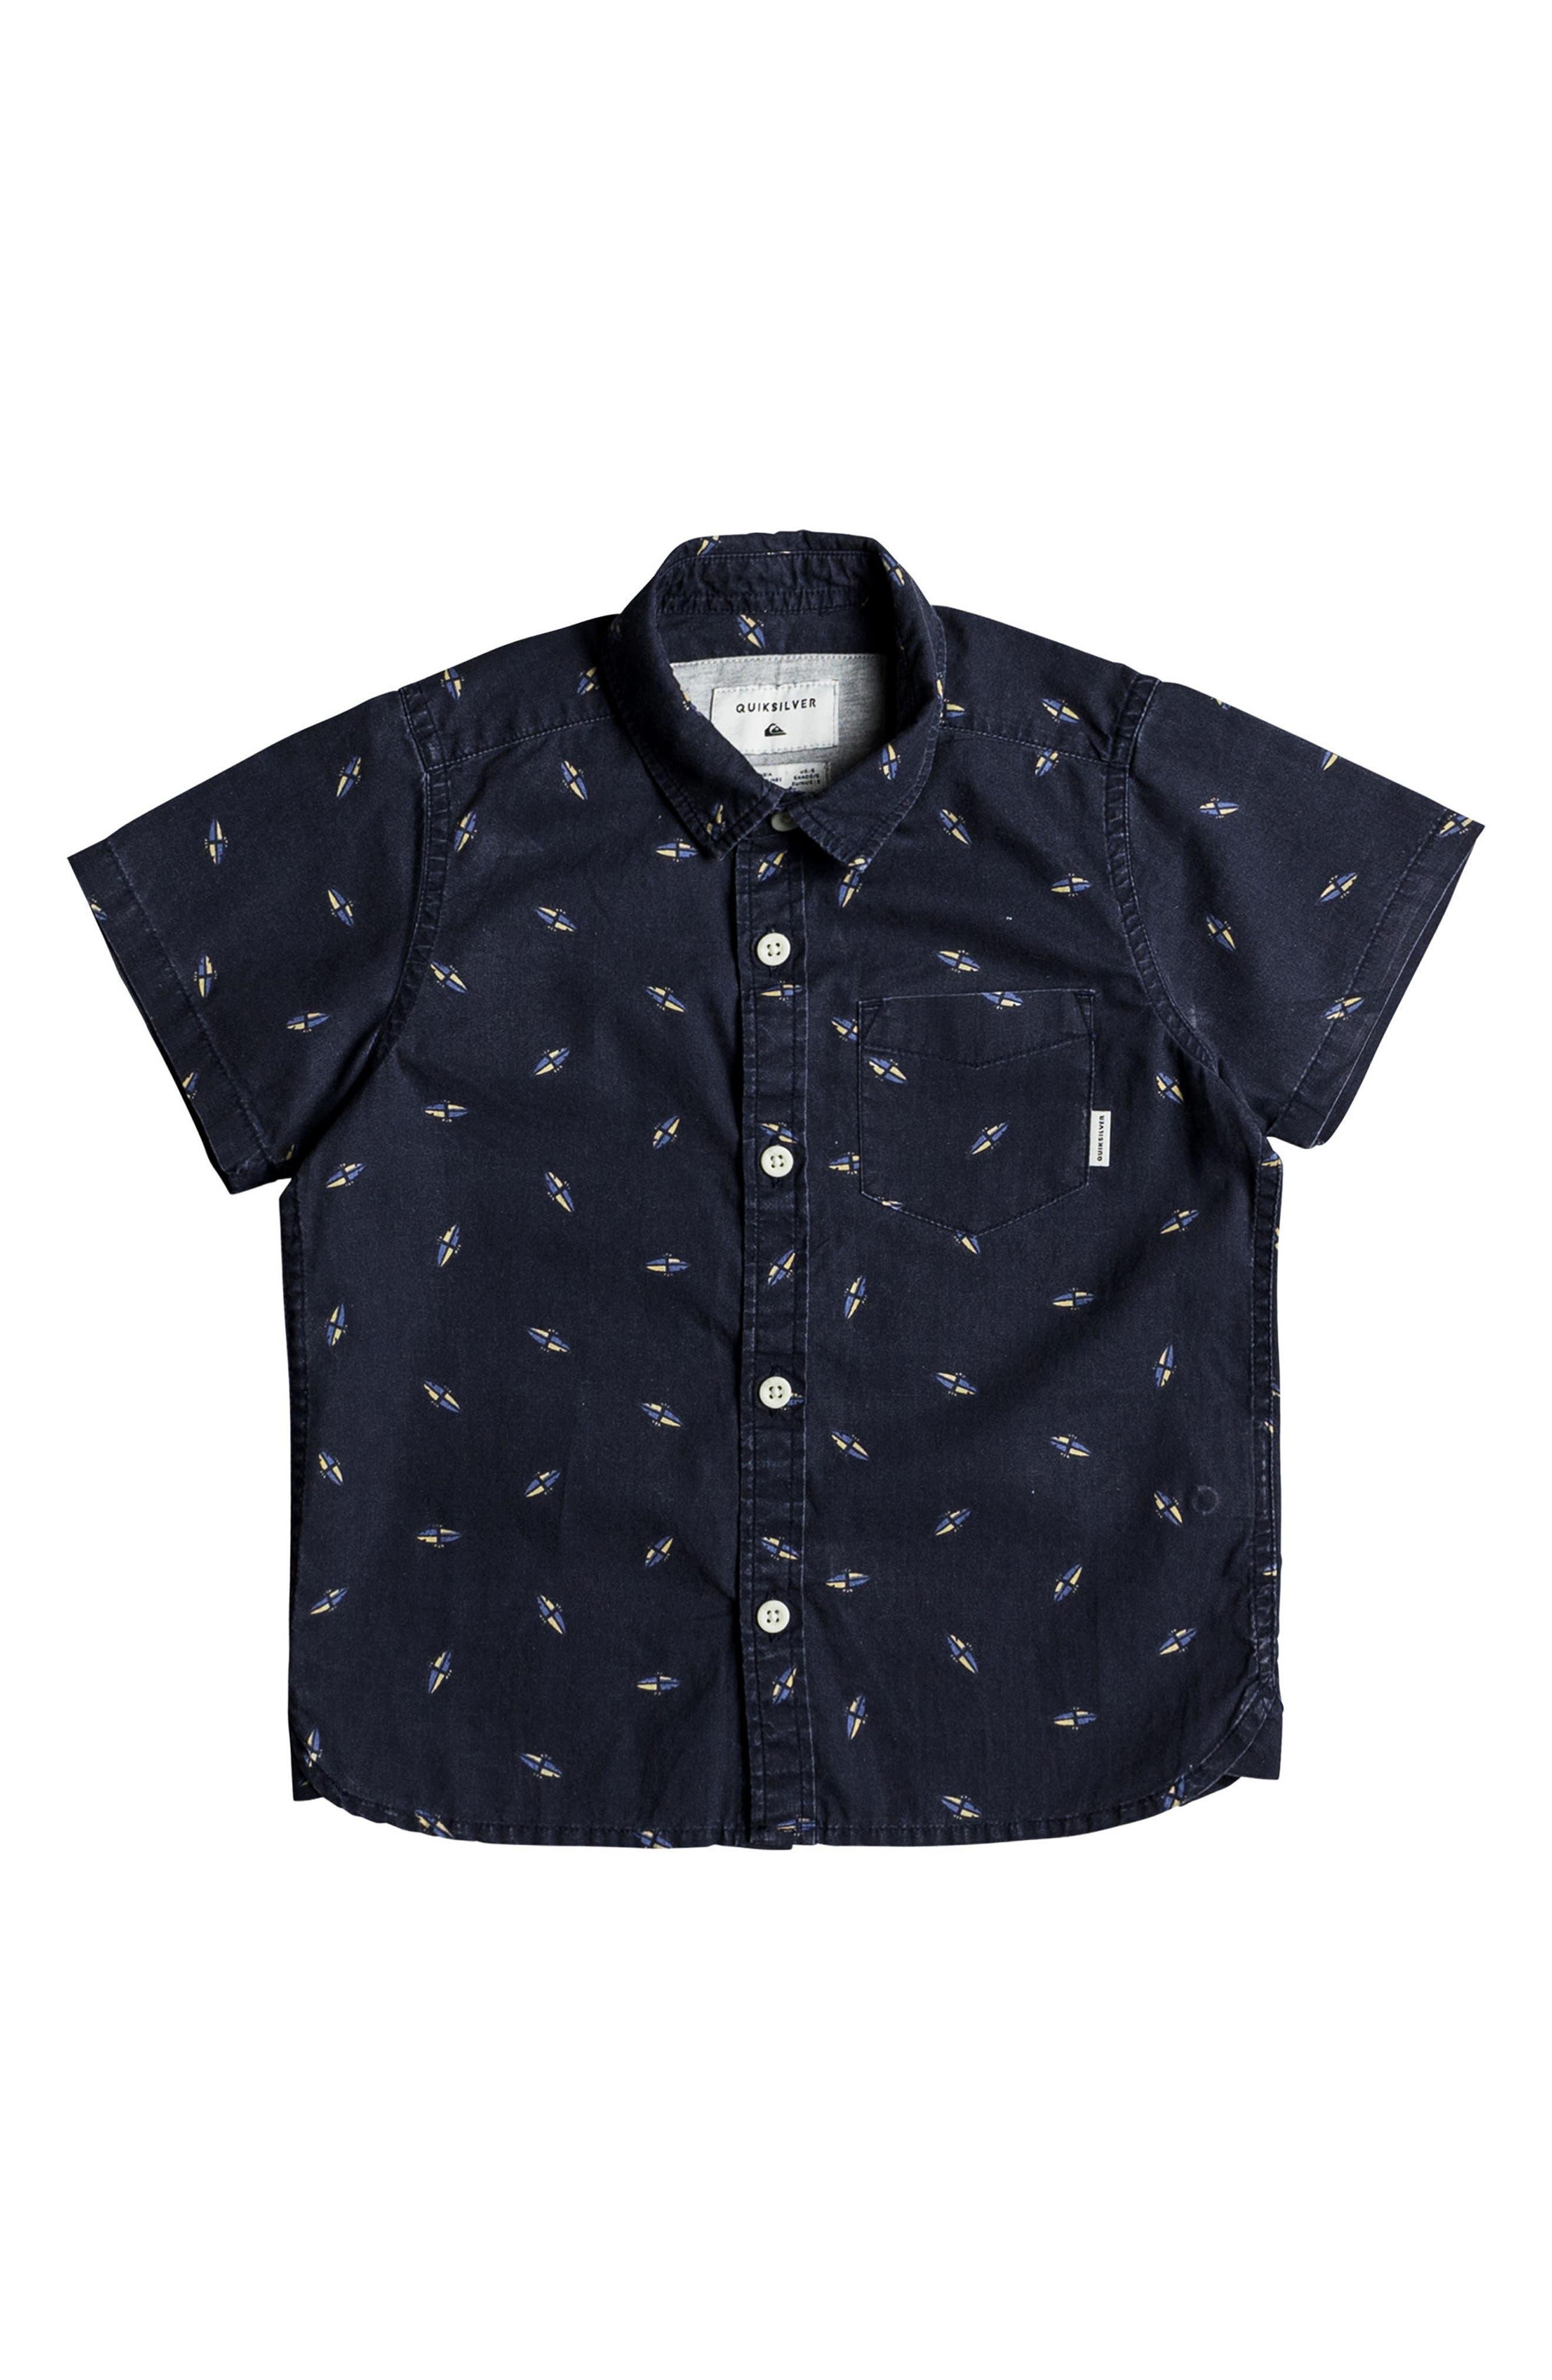 Quiksilver Boredsnap Woven Shirt (Toddler Boys & Little Boys)